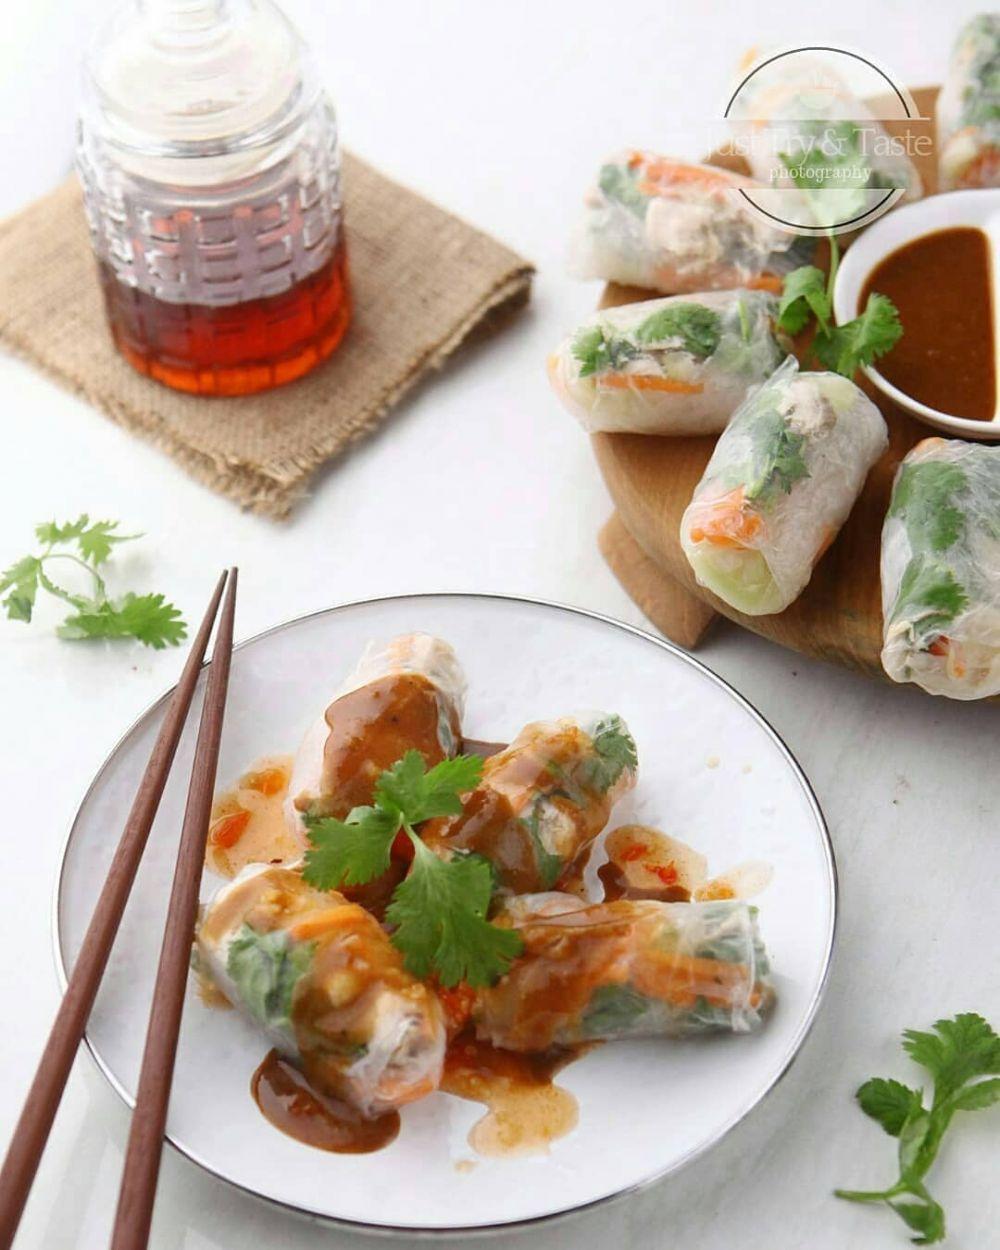 Resep Membuat Vietnam Salad Spring Roll C 2020 Brilio Net Resep Masakan Asia Makan Siang Resep Salad